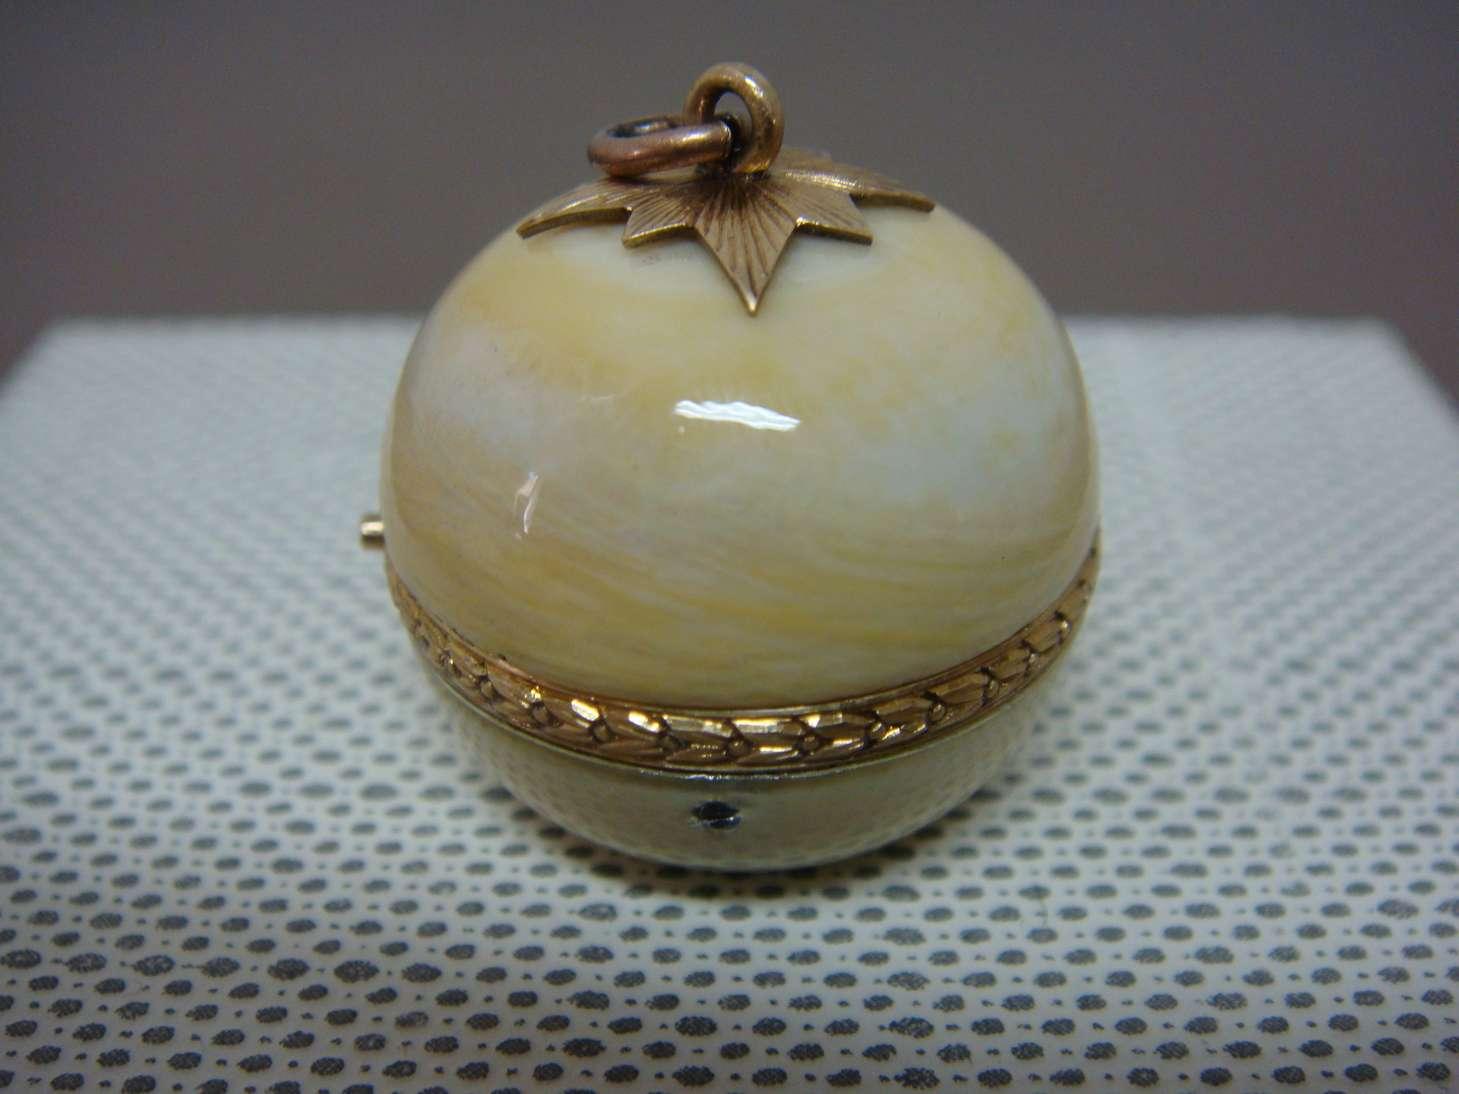 boule-geneve-montre-luxe-ivoire-horlogerie-cabinotier-art-restauration-restaurarte-luxe-industrie-horlogere.jpg